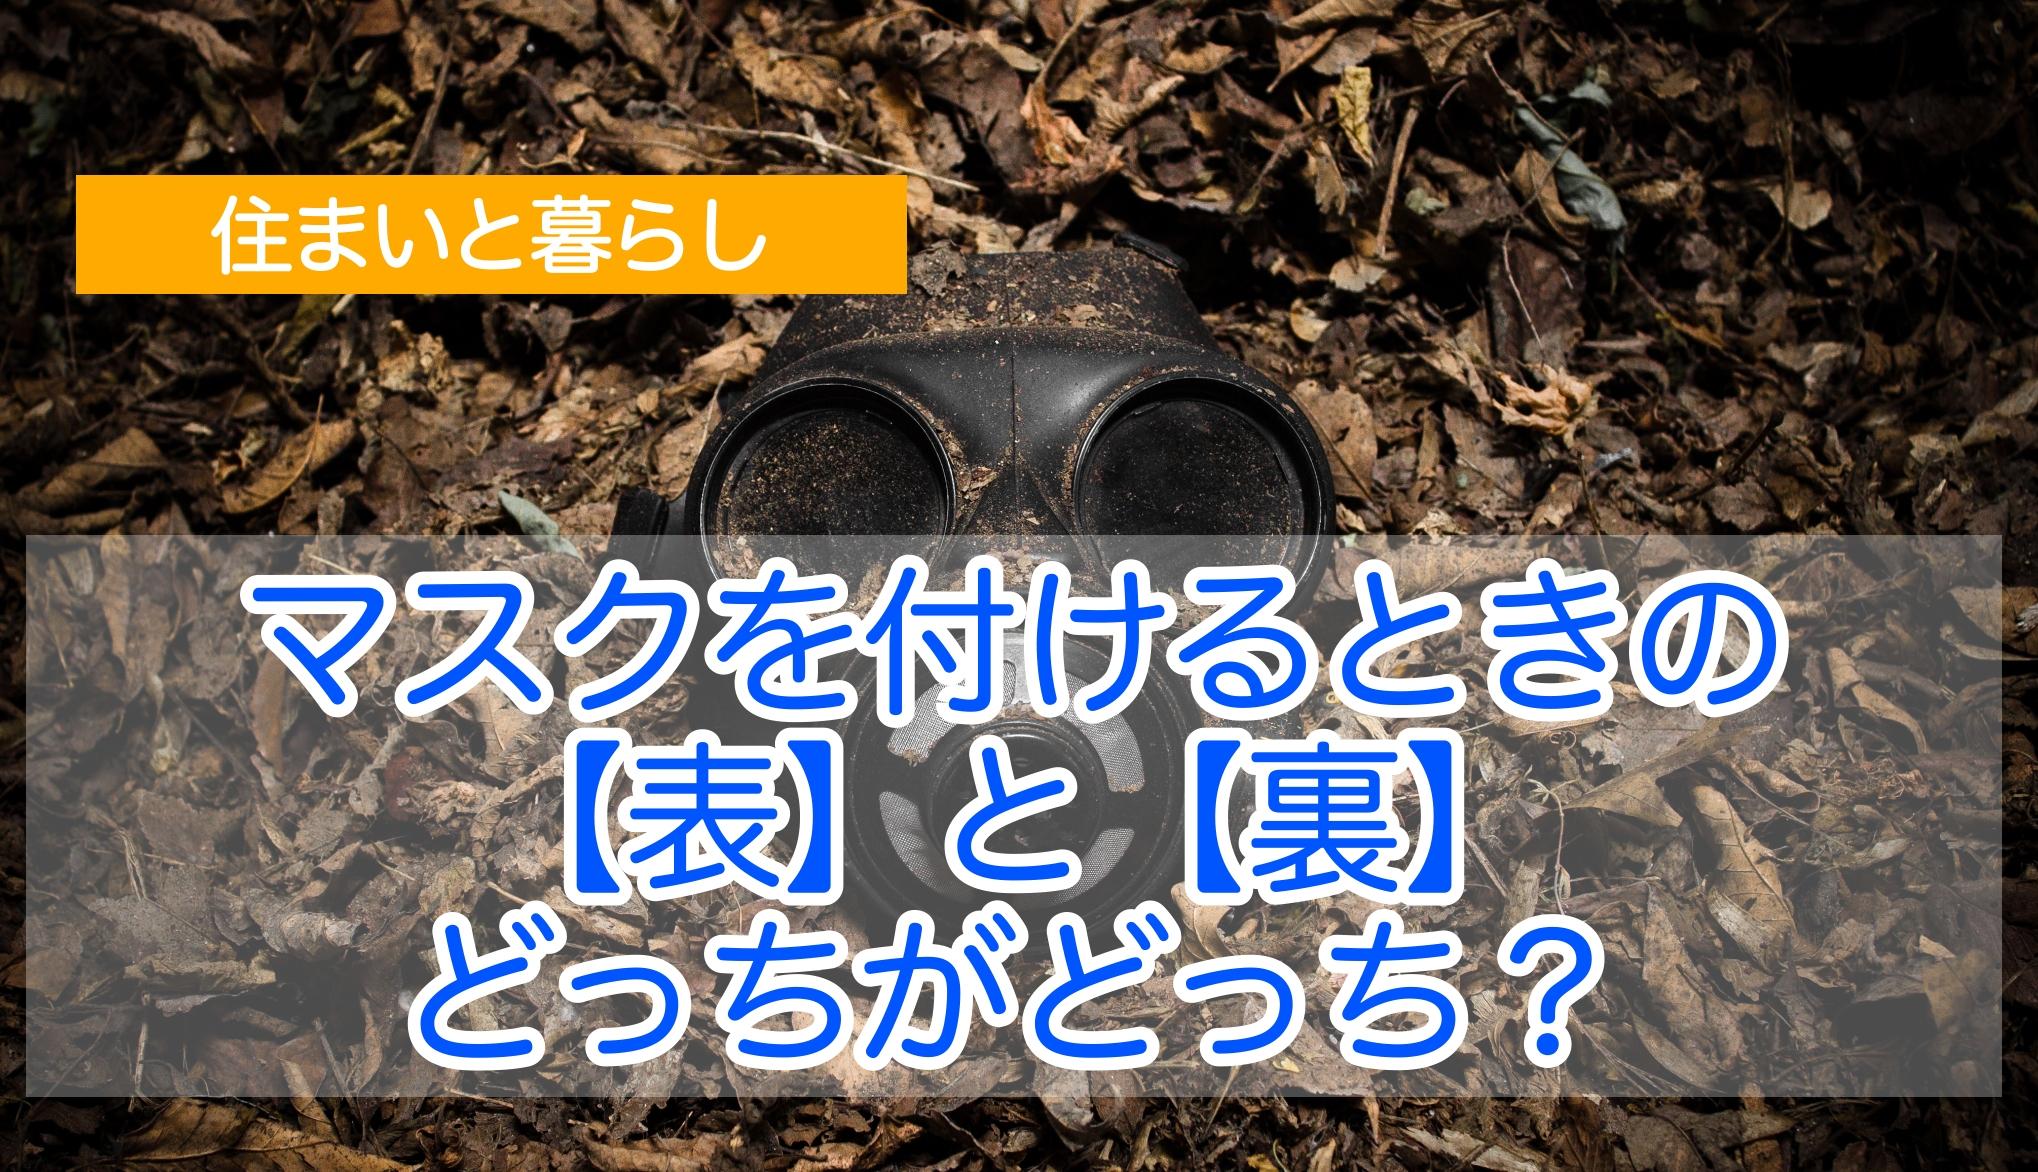 【コロナ対策】マスクを付ける向きは【表裏どっち?】正しく着用して予防しよう!